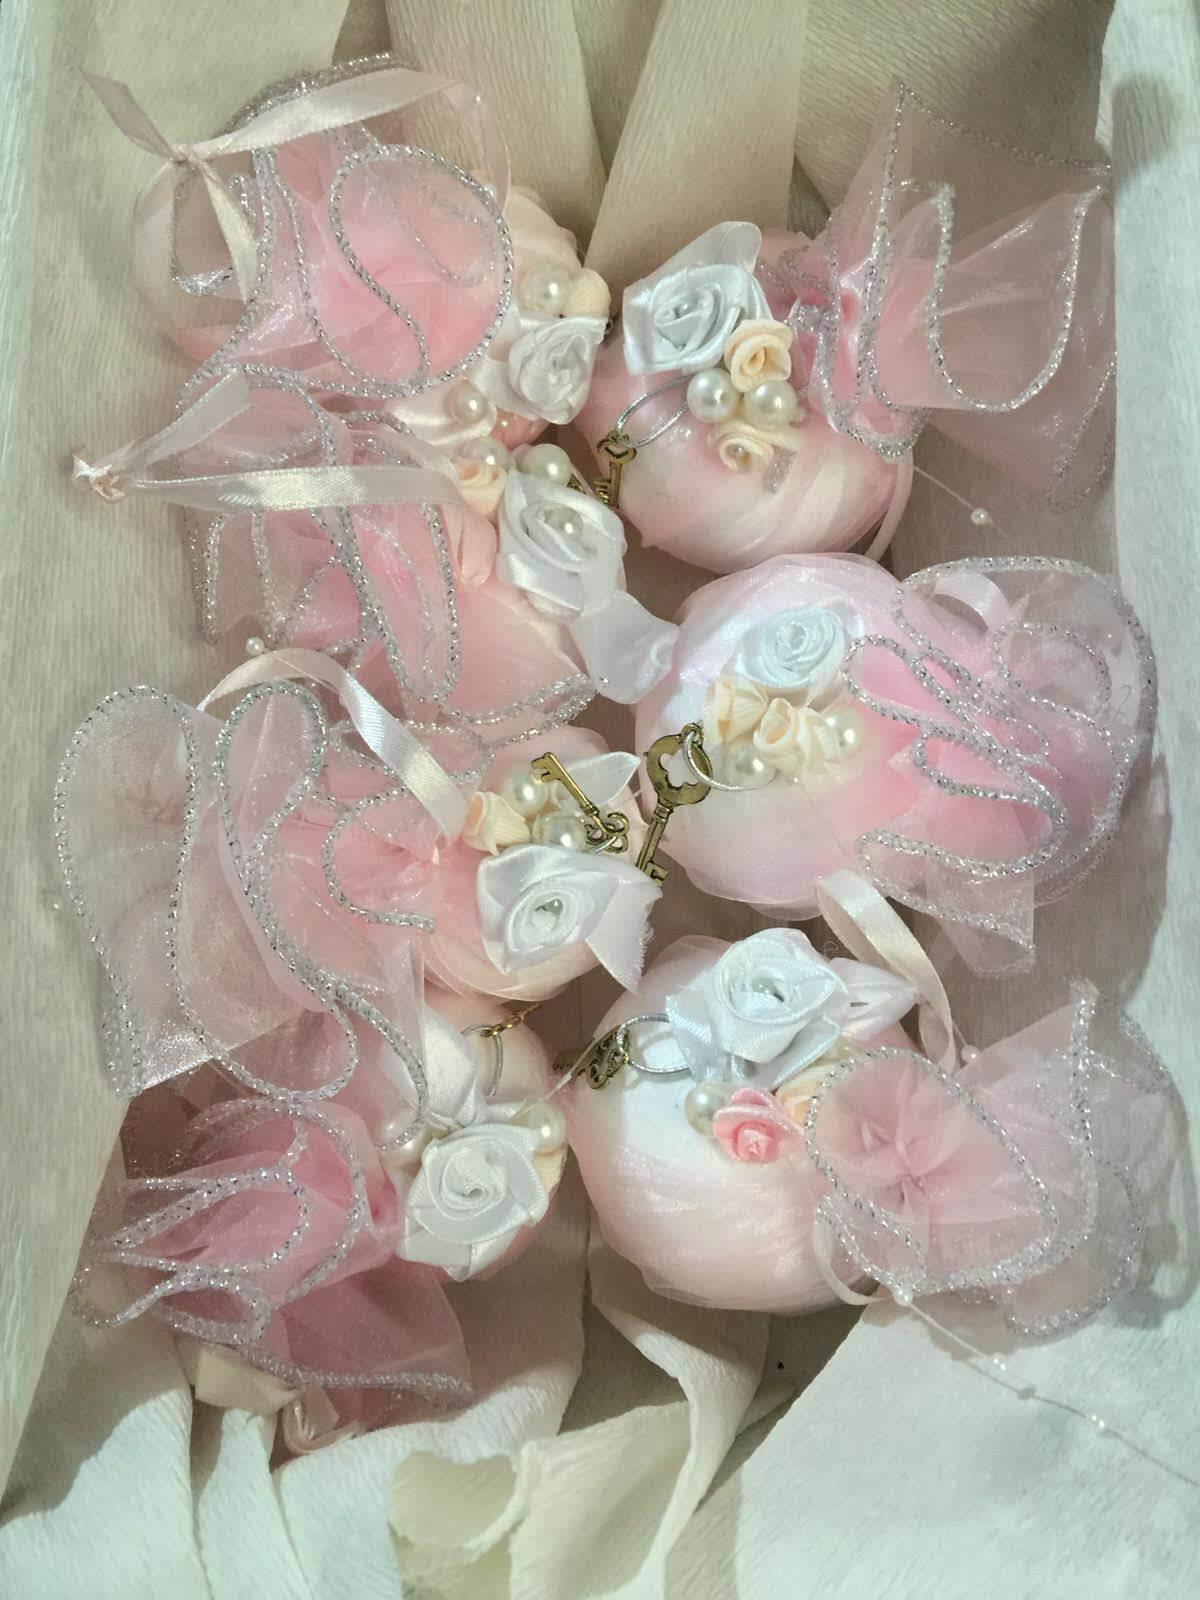 BOLAS de NAVIDAD. Conjunto 6 bolas artesanales. Hecho a mano. Rosa pastel